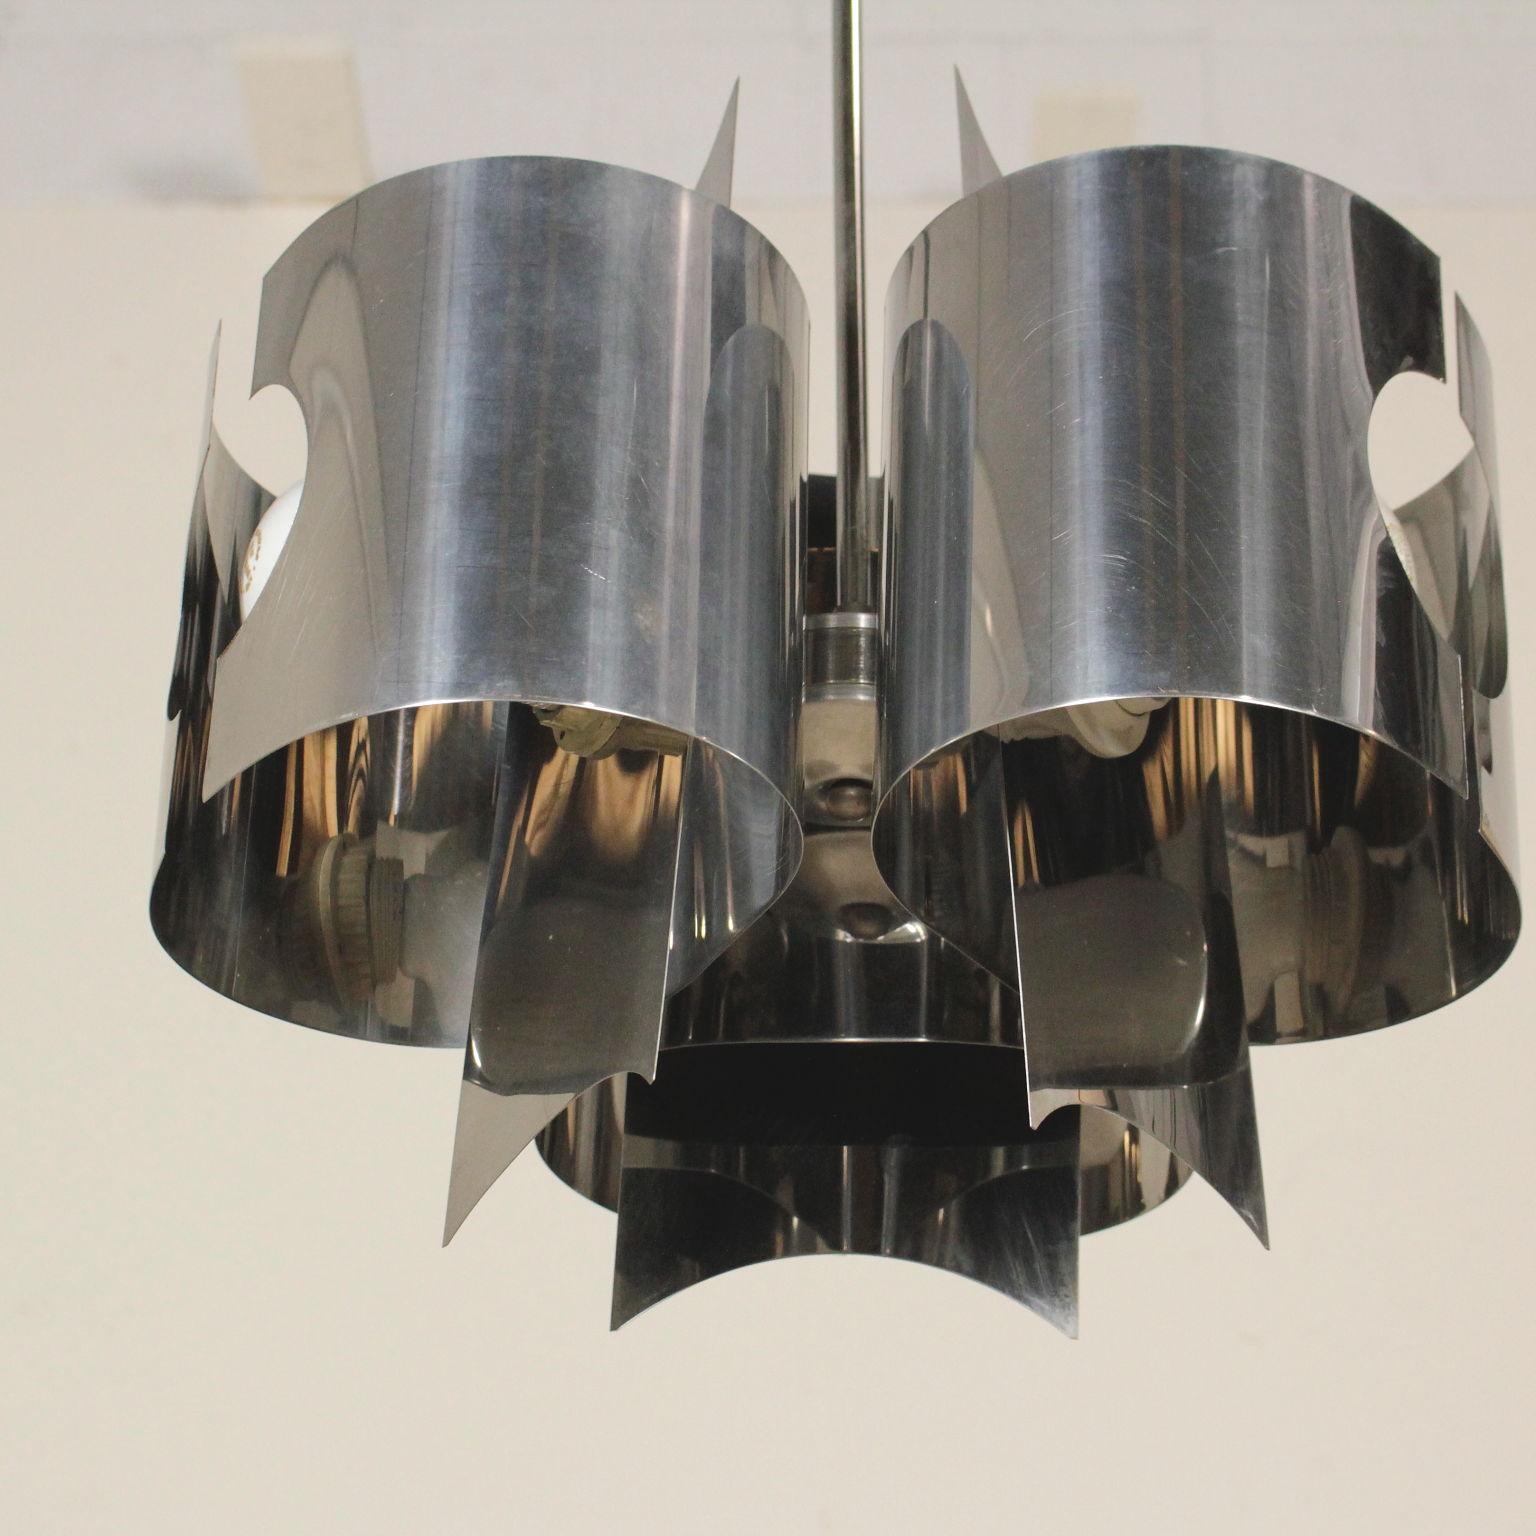 lustre ann es 60 70 clairage design moderne. Black Bedroom Furniture Sets. Home Design Ideas